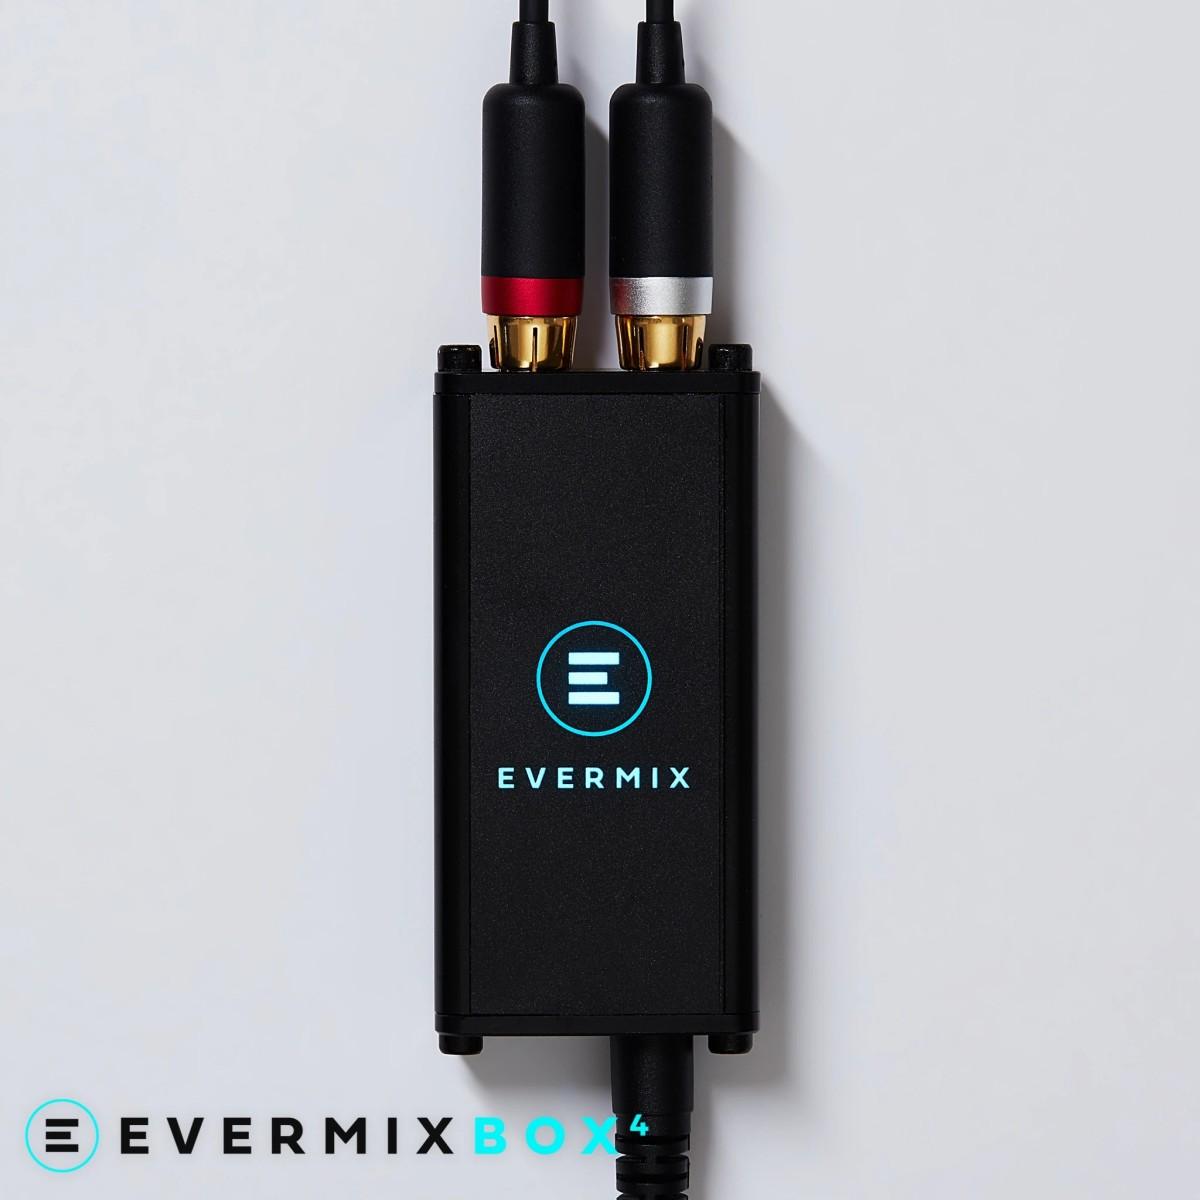 7_evermixbox4_square_website_102